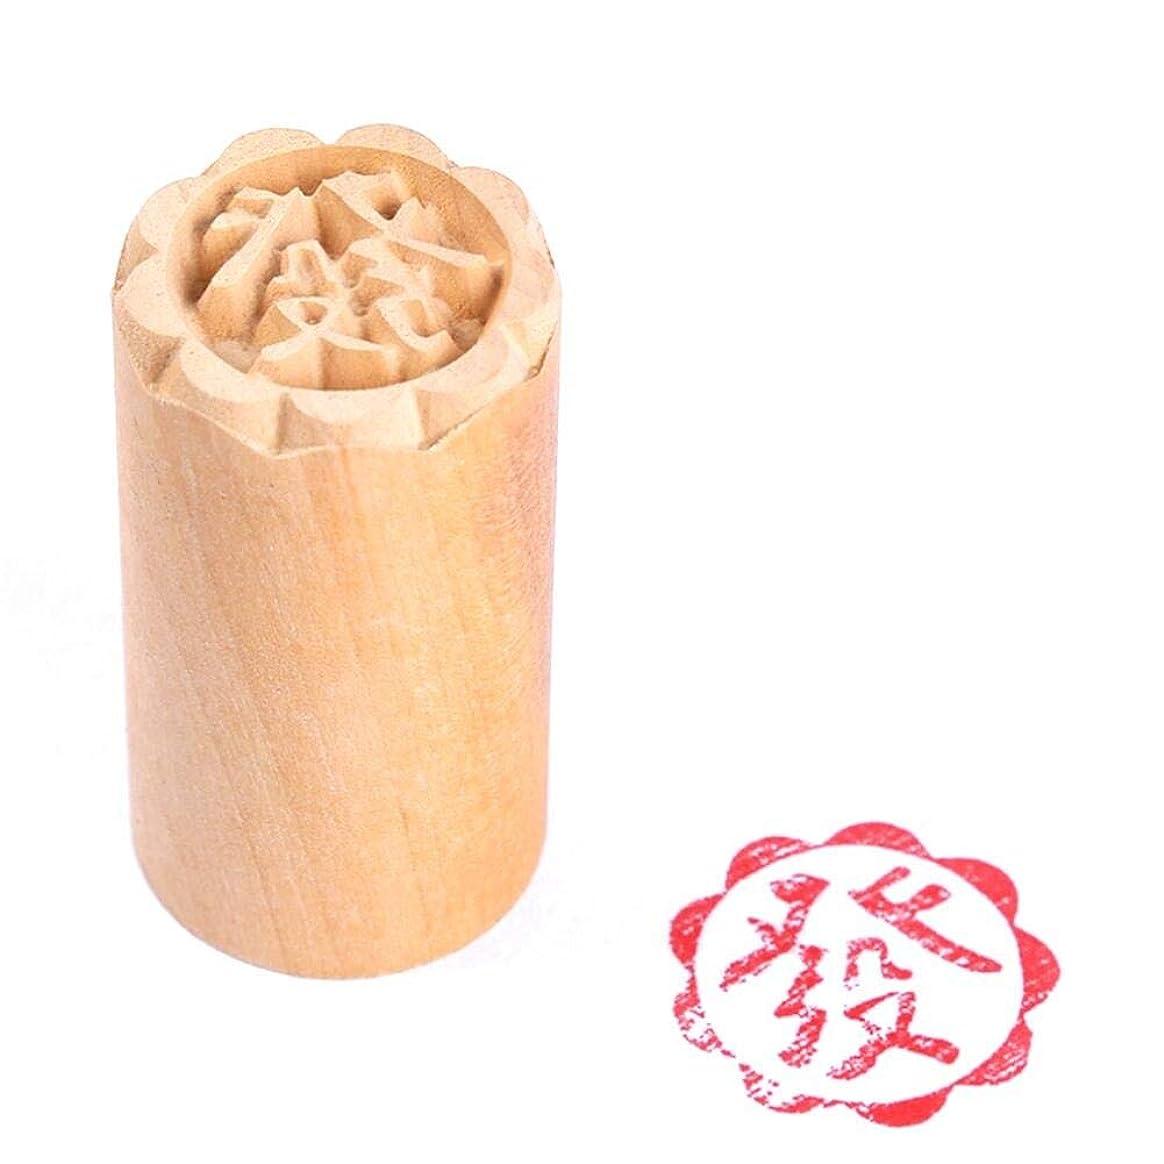 勇気口述地理手動 正方形 木製 デザートシールスタンプ DIY ペストリー ケーキ クッキー型 伝統的 中国月 ケーキ型 耐熱皿型